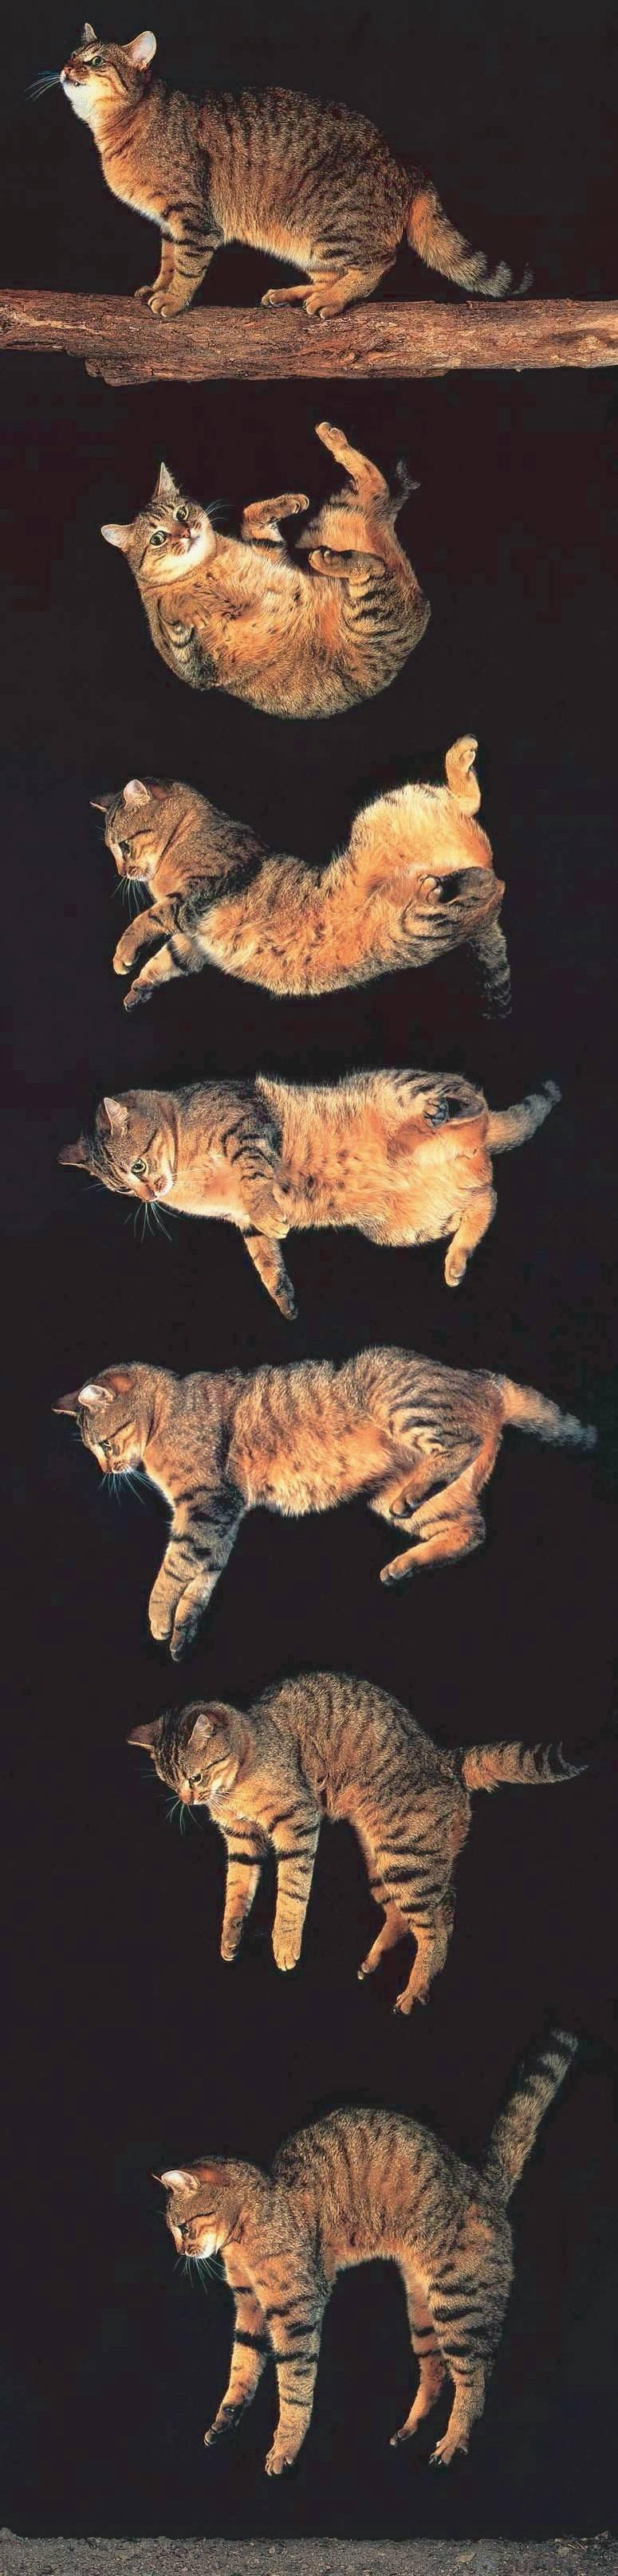 Почему кошки приземляются на 4 лапы. почему кошки всегда приземляются на лапы падая с высоты? чем опасна небольшая высота